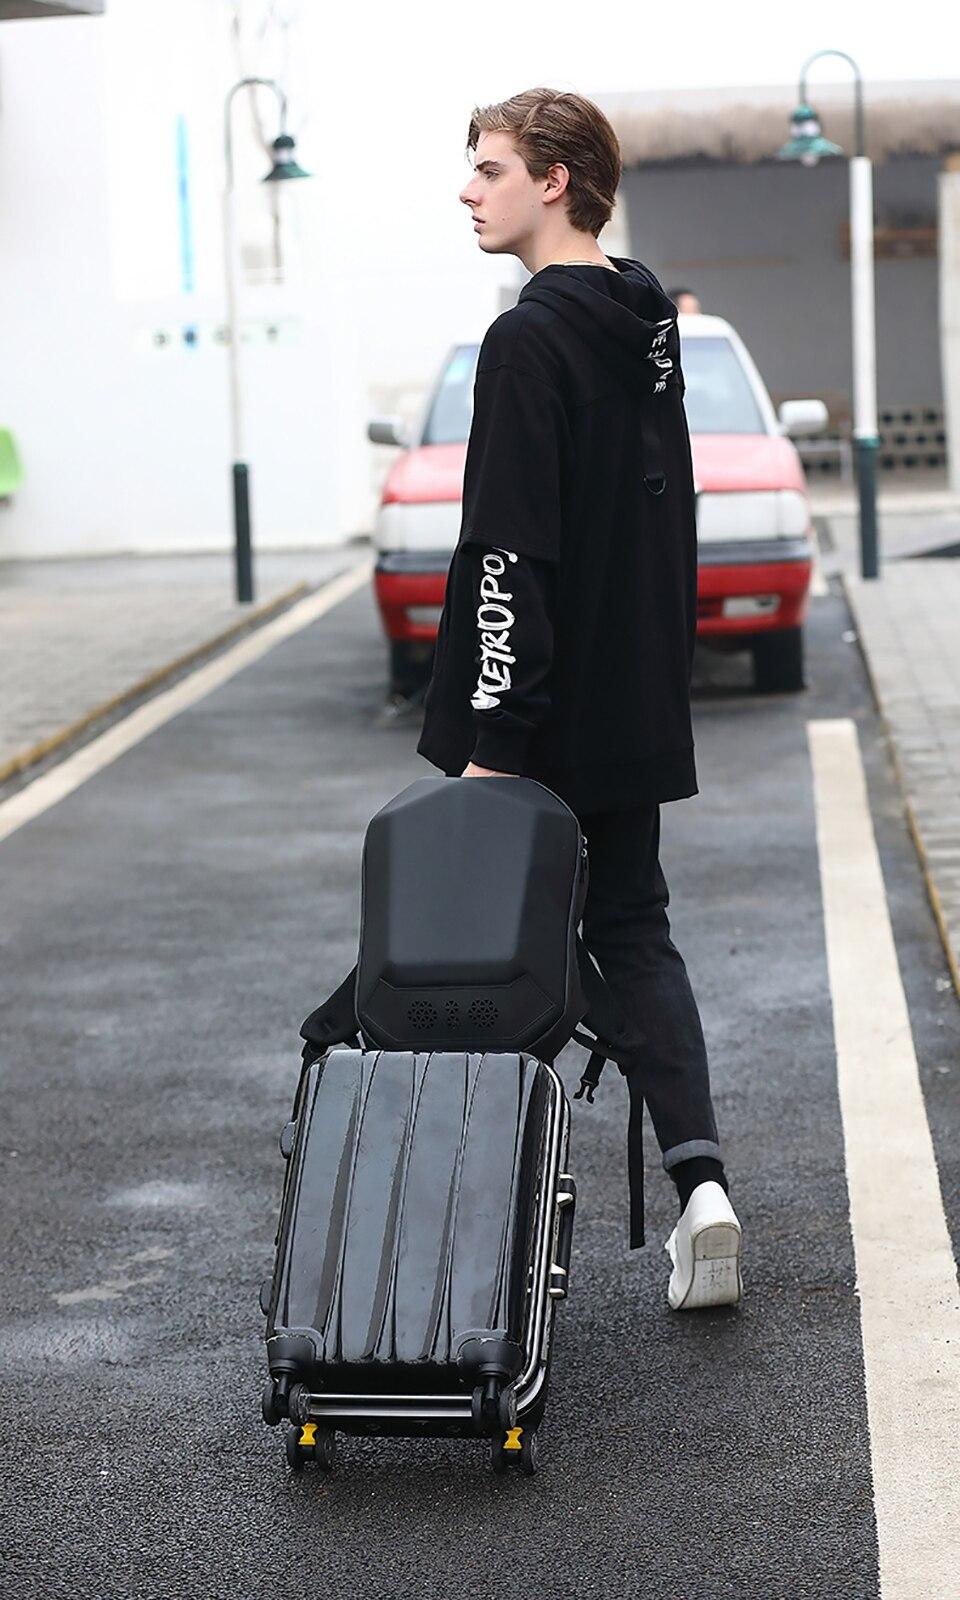 """HTB1xj5QaJfvK1RjSszhq6AcGFXa7 - OZUKO Men 15.6"""" Laptop Backpack Fashion Waterproof Teenager Schoolbag"""